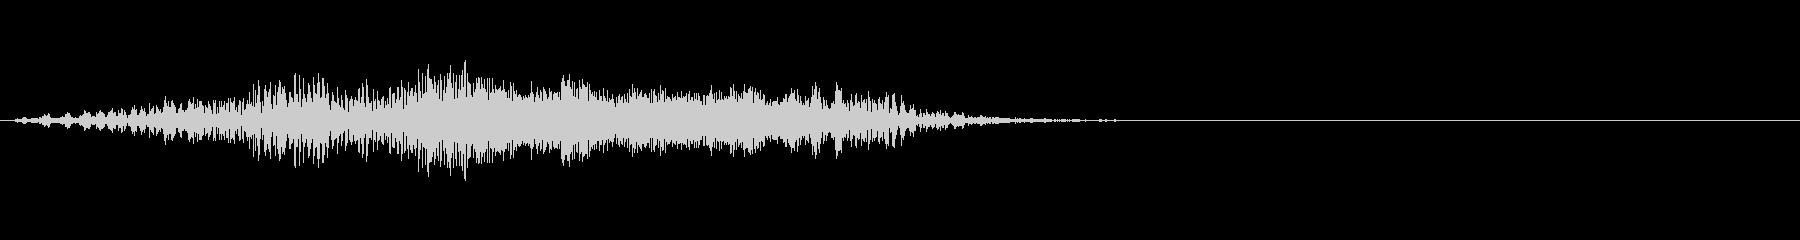 [生録音]ファスナーを開け閉めする音02の未再生の波形